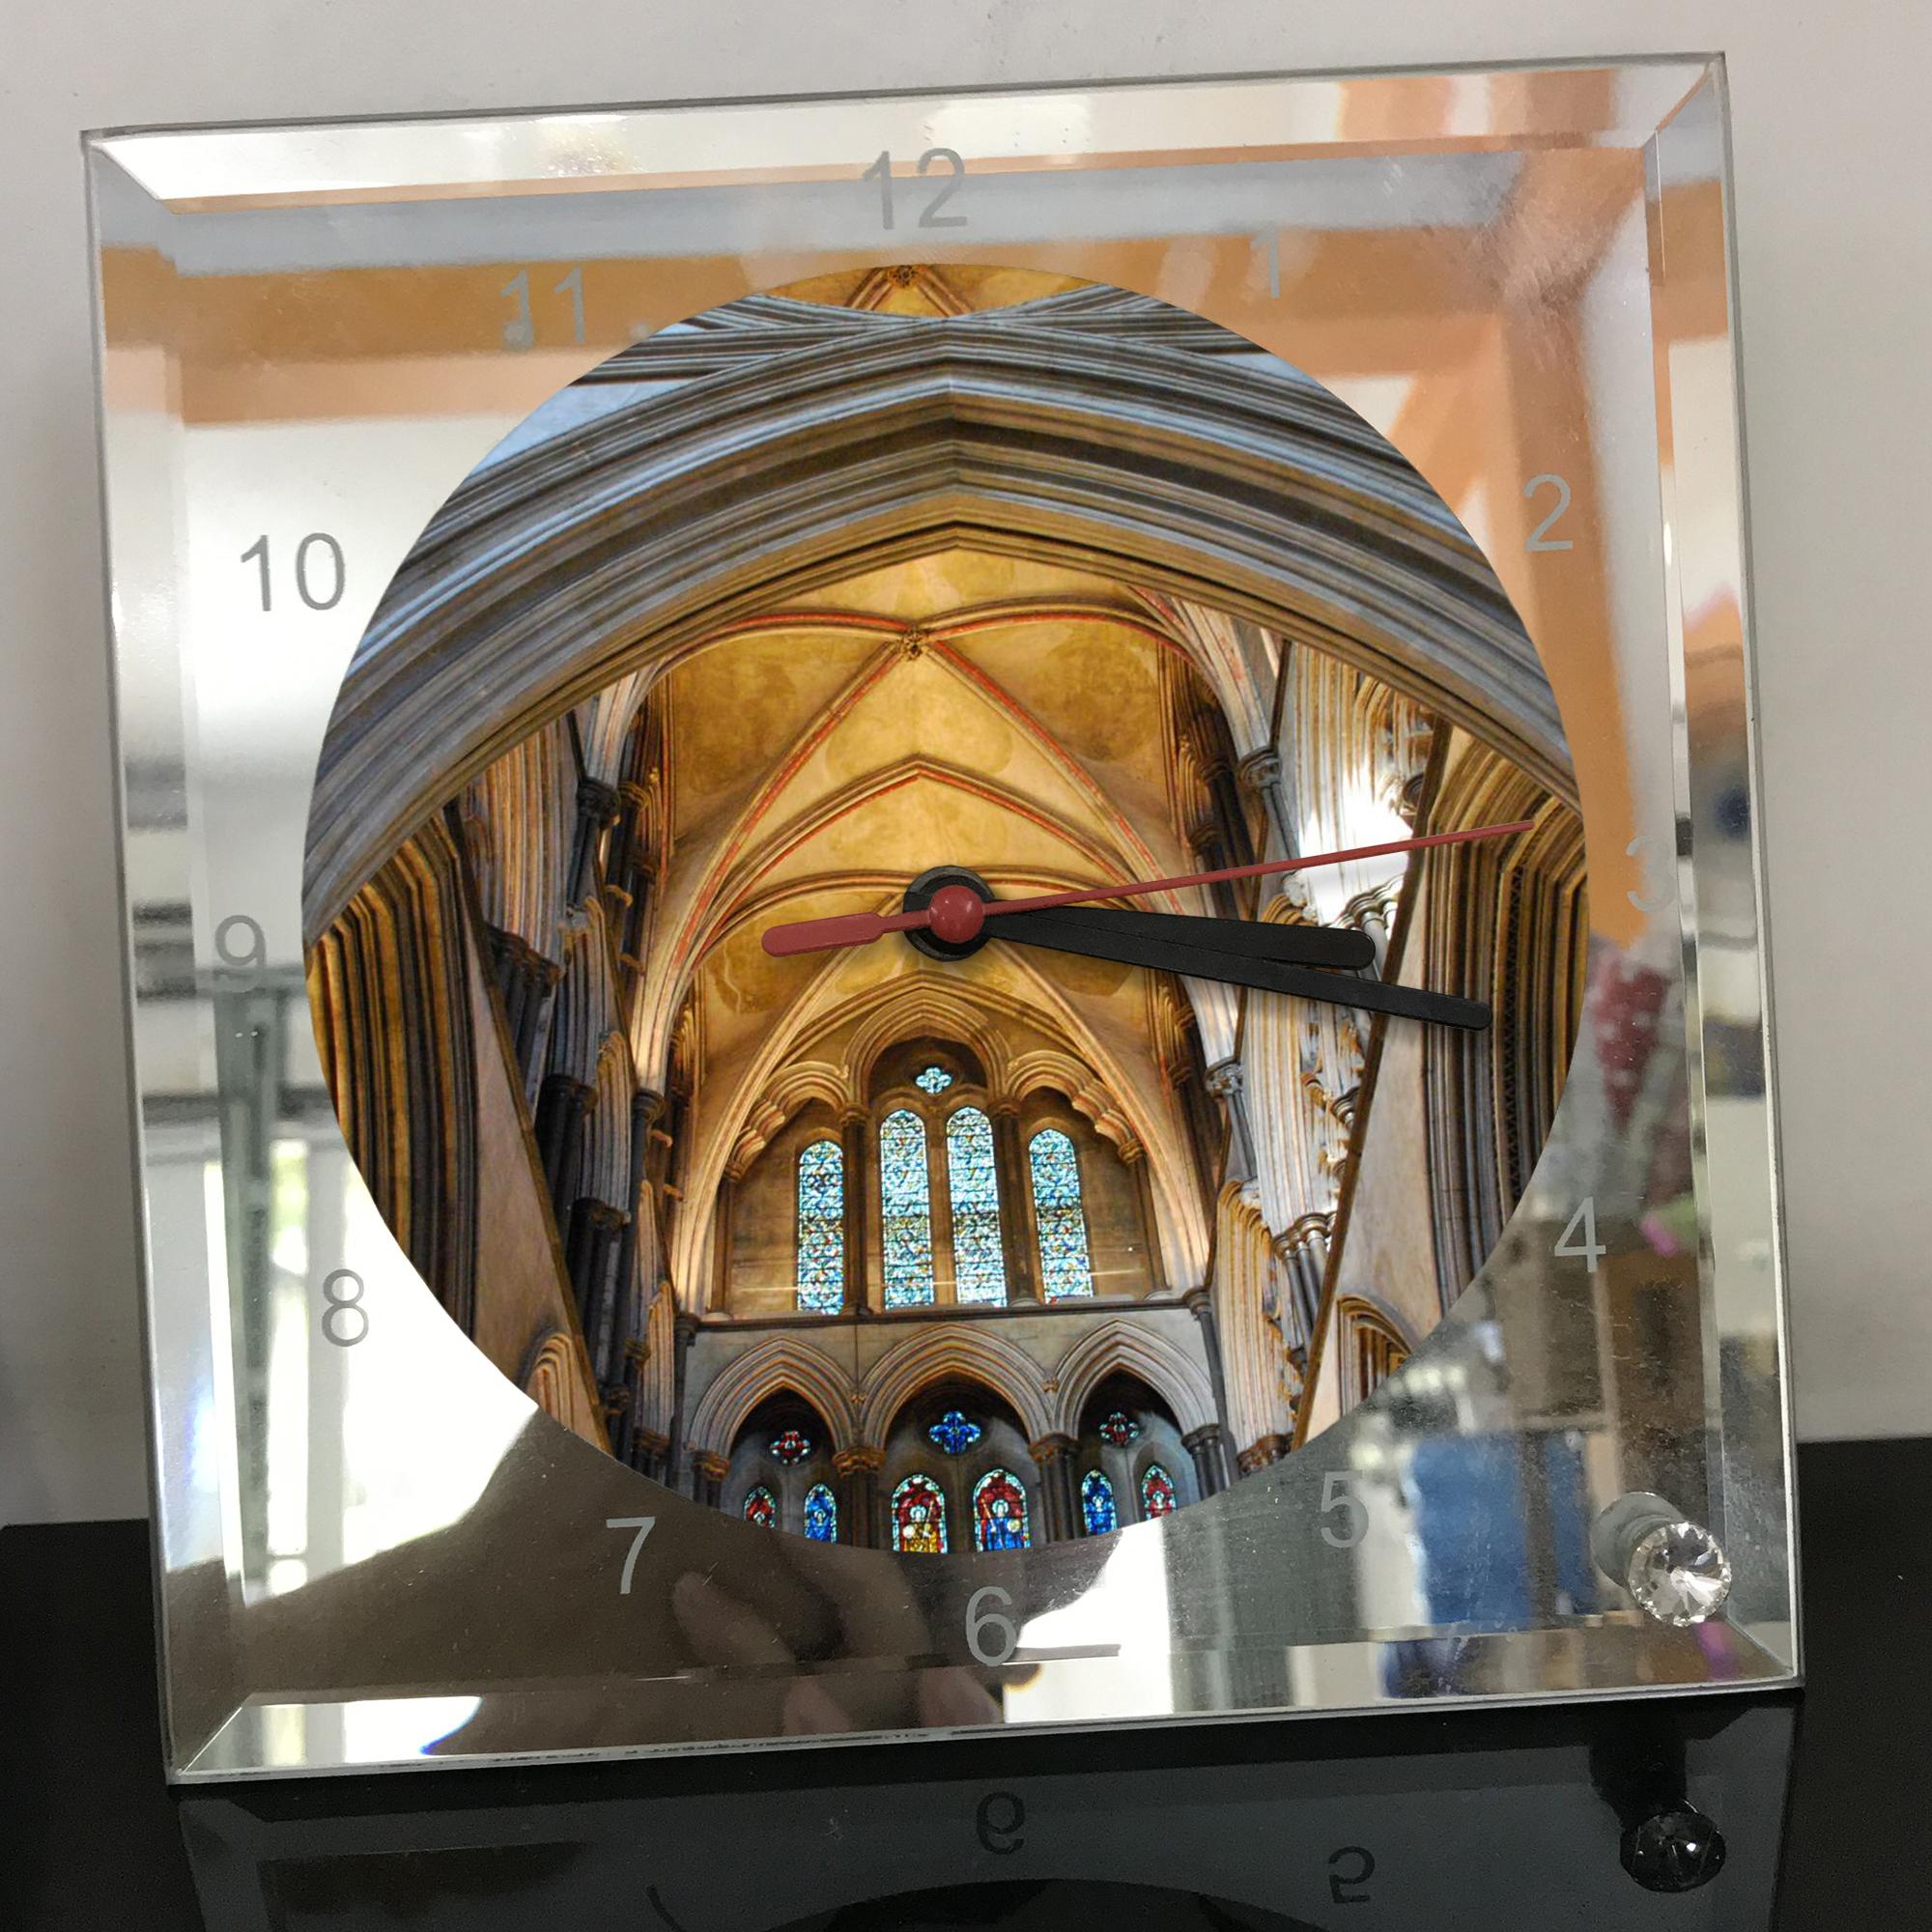 Đồng hồ thủy tinh vuông 20x20 in hình Cathedral - nhà thờ chính tòa (5) . Đồng hồ thủy tinh để bàn trang trí đẹp chủ đề tôn giáo